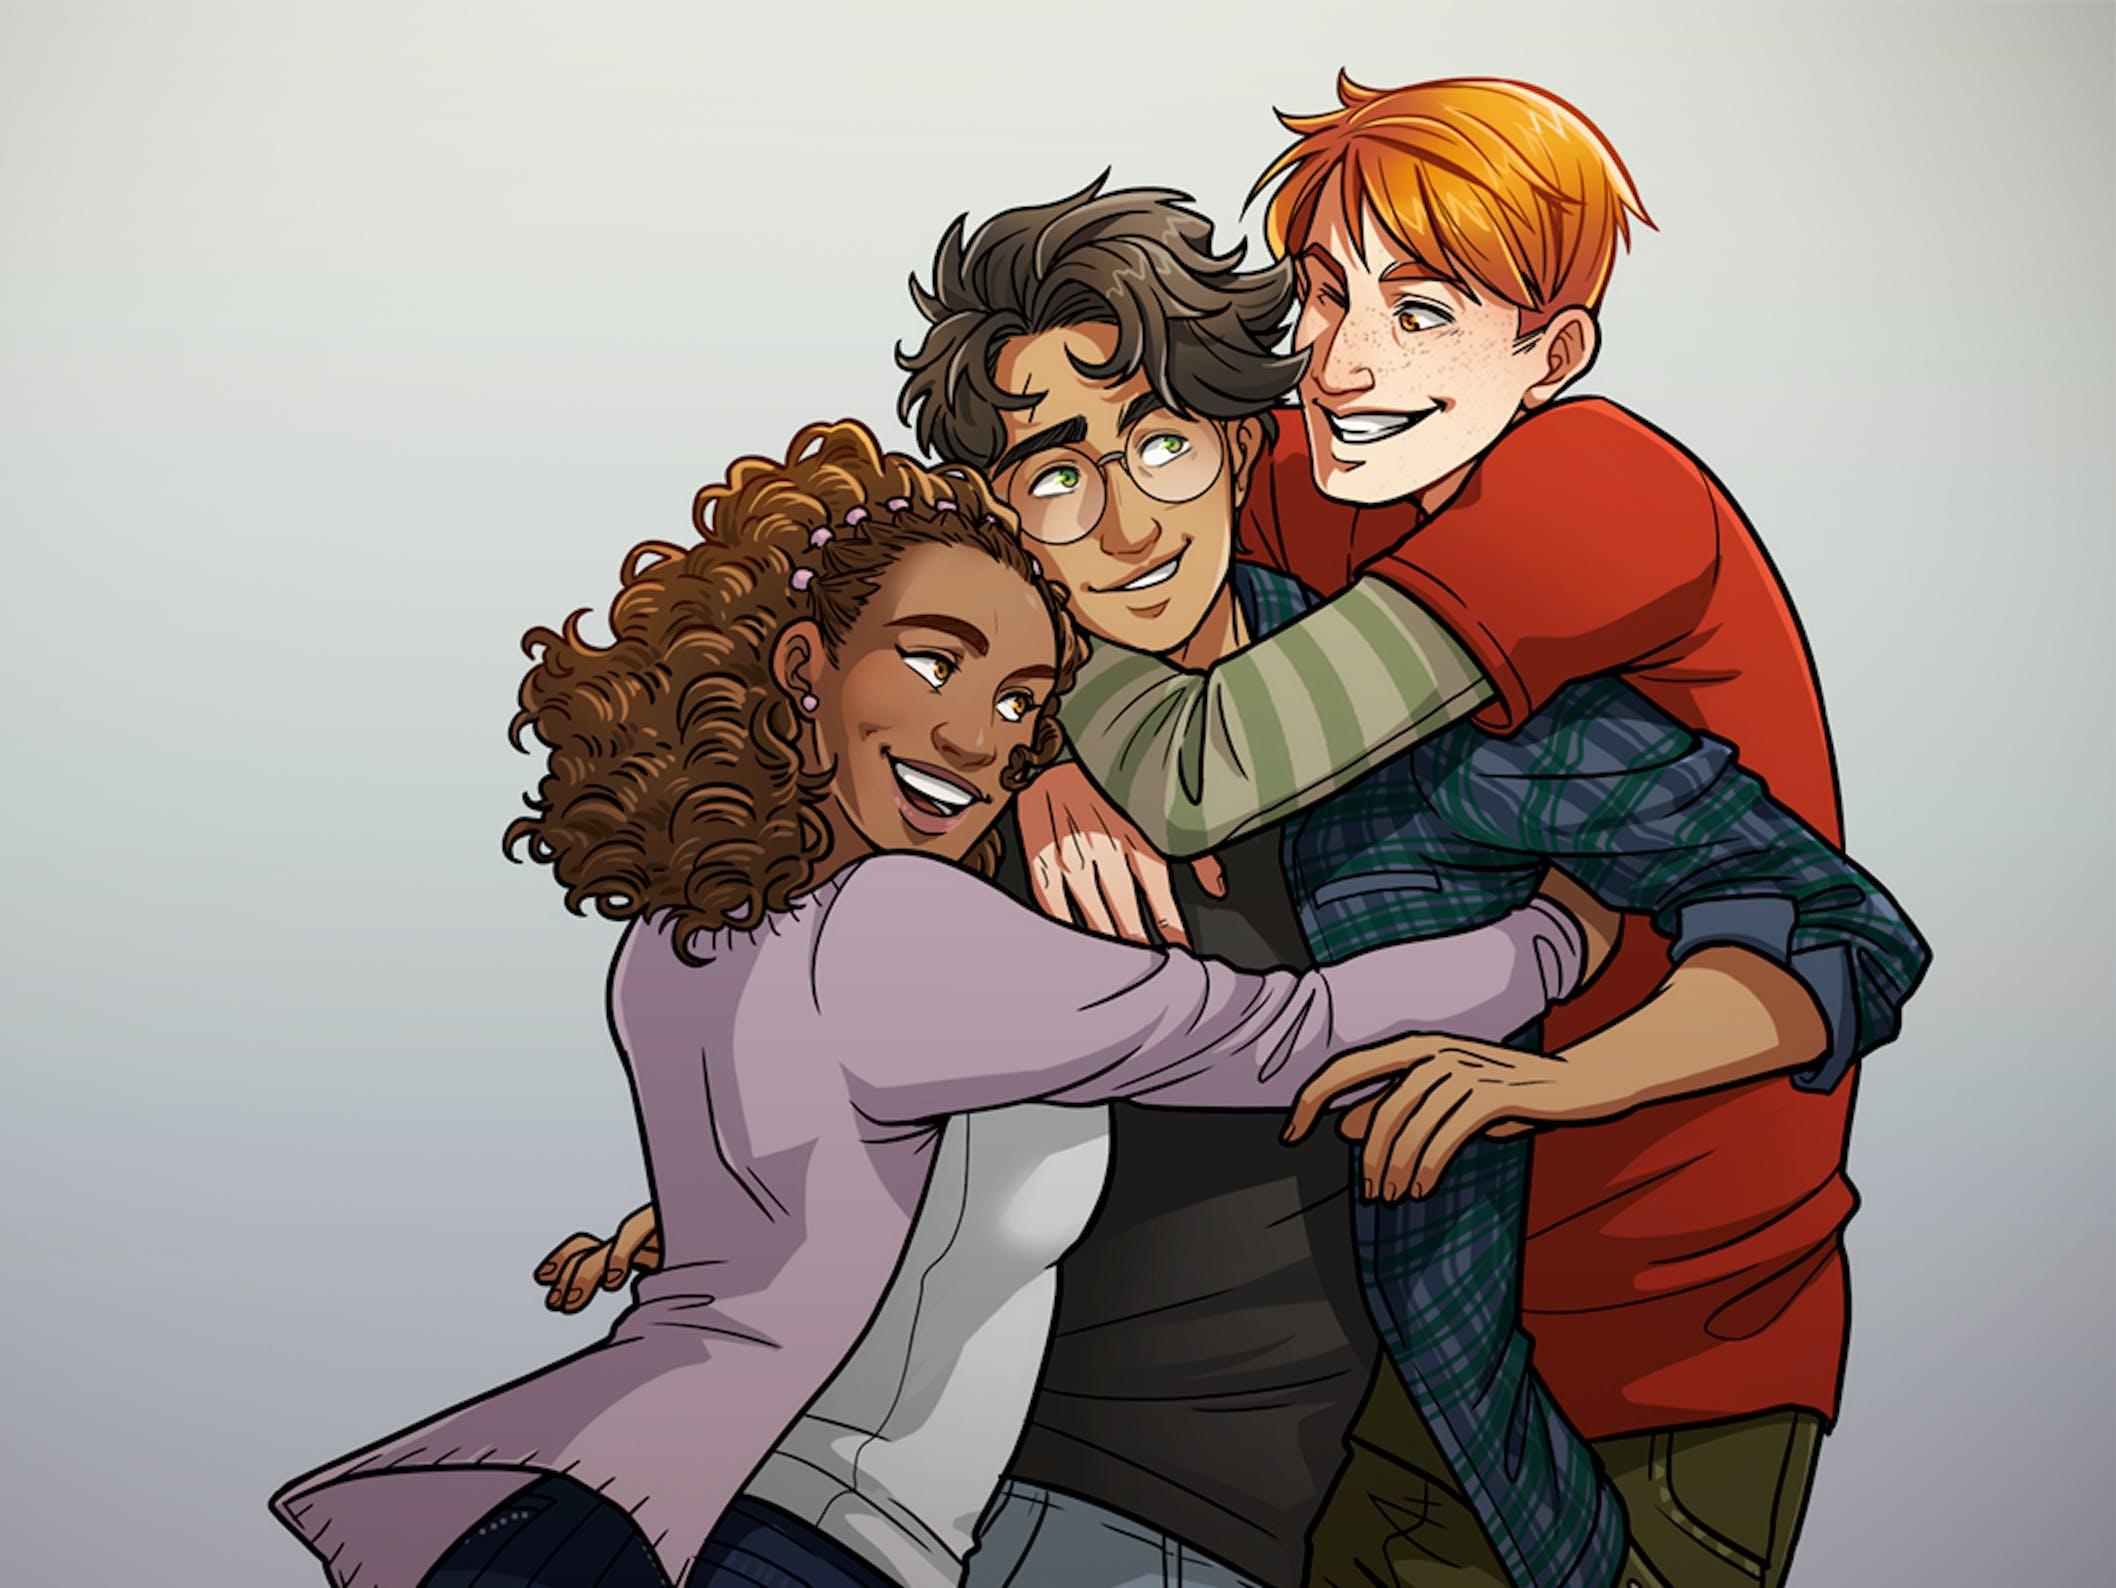 Harry Potter' Fan Art Looks to Diversify J K  Rowling's Work